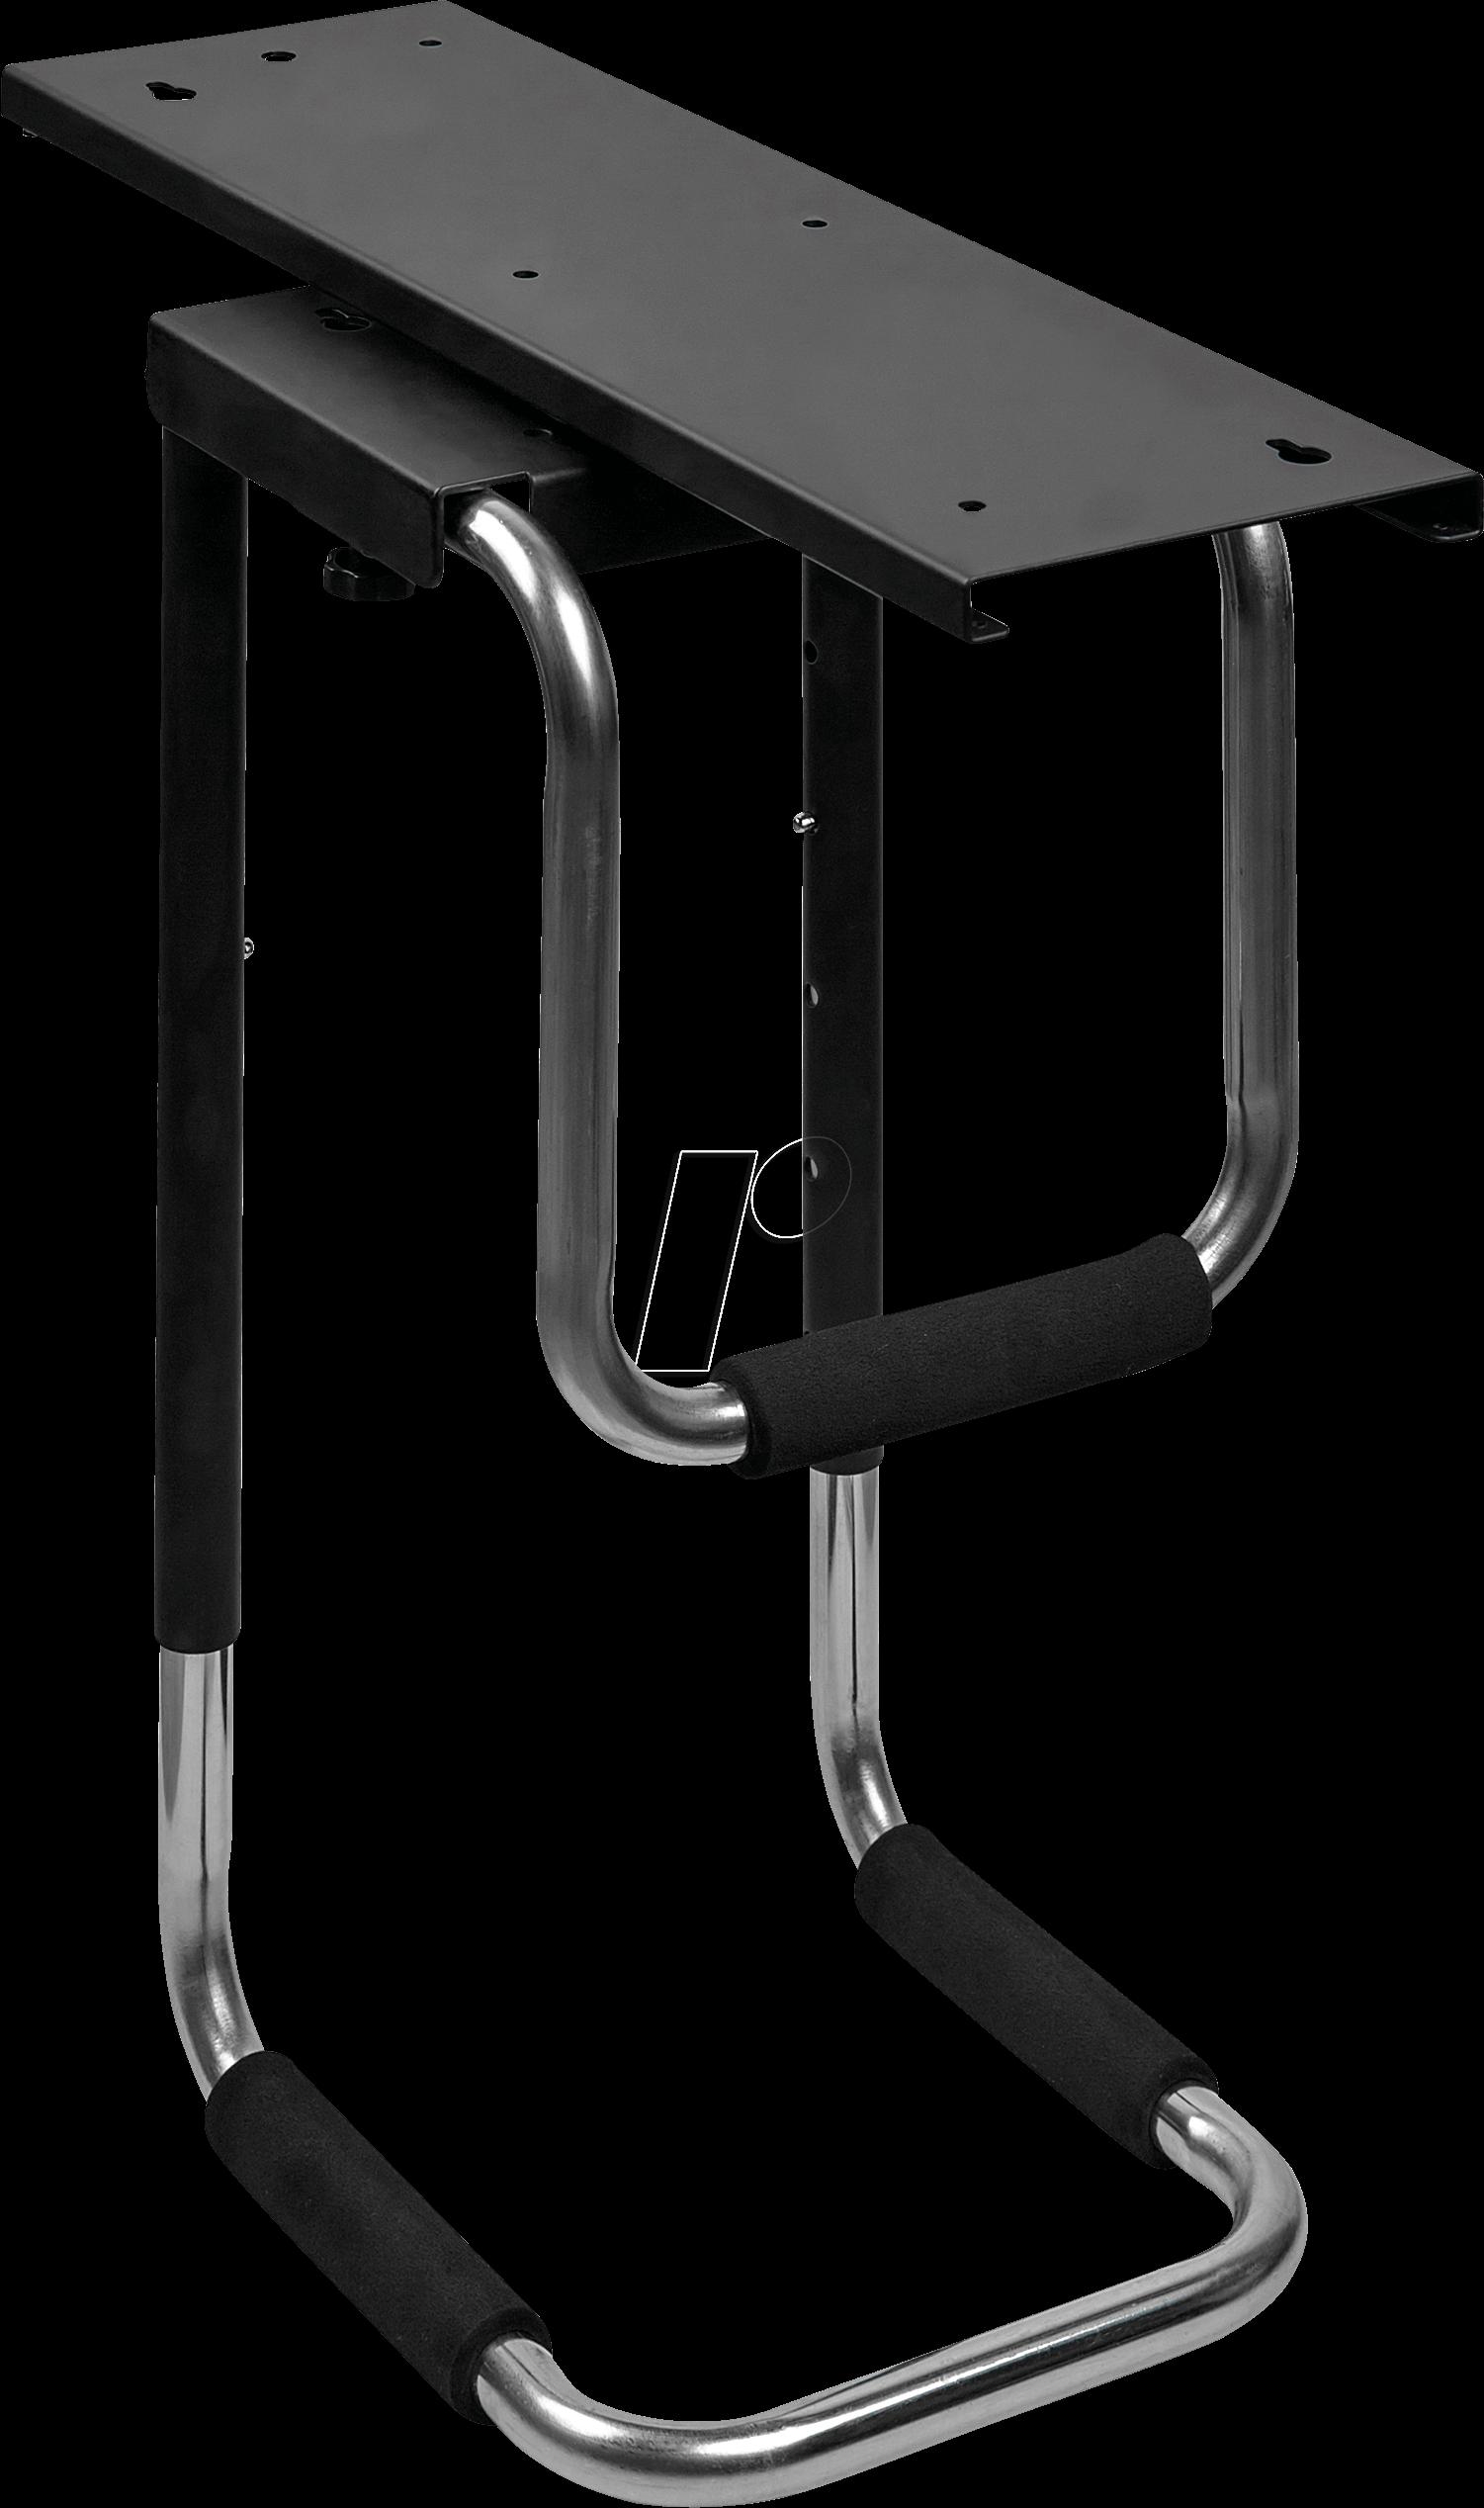 Pc Halterung Schreibtisch Ikea 2021